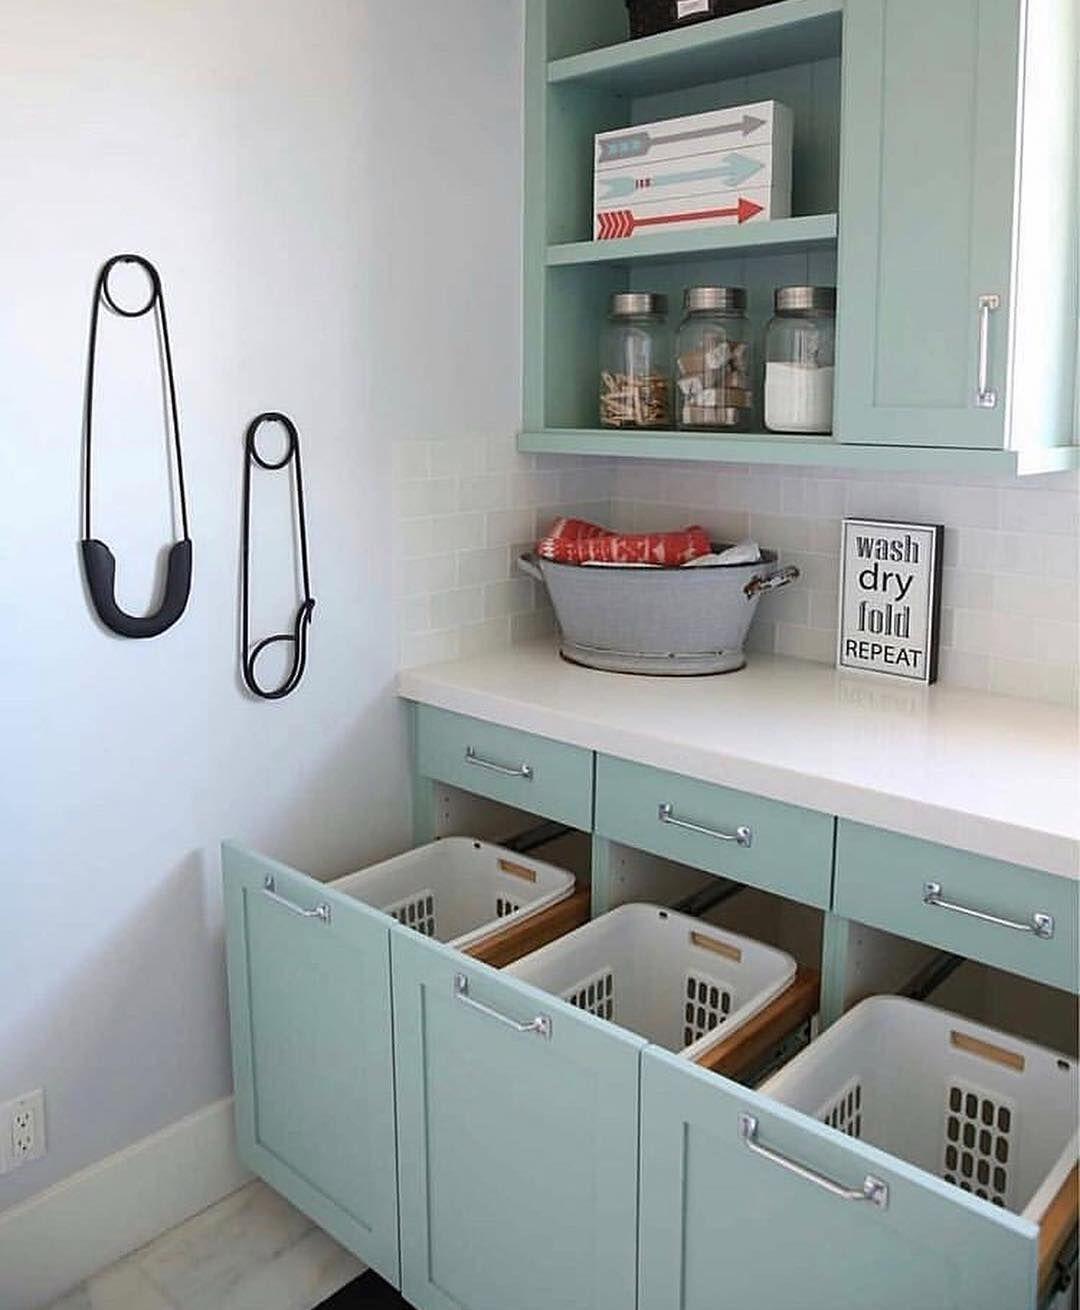 Imagem Por Dini Em Laundry Room Armazenamento Na Lavanderia